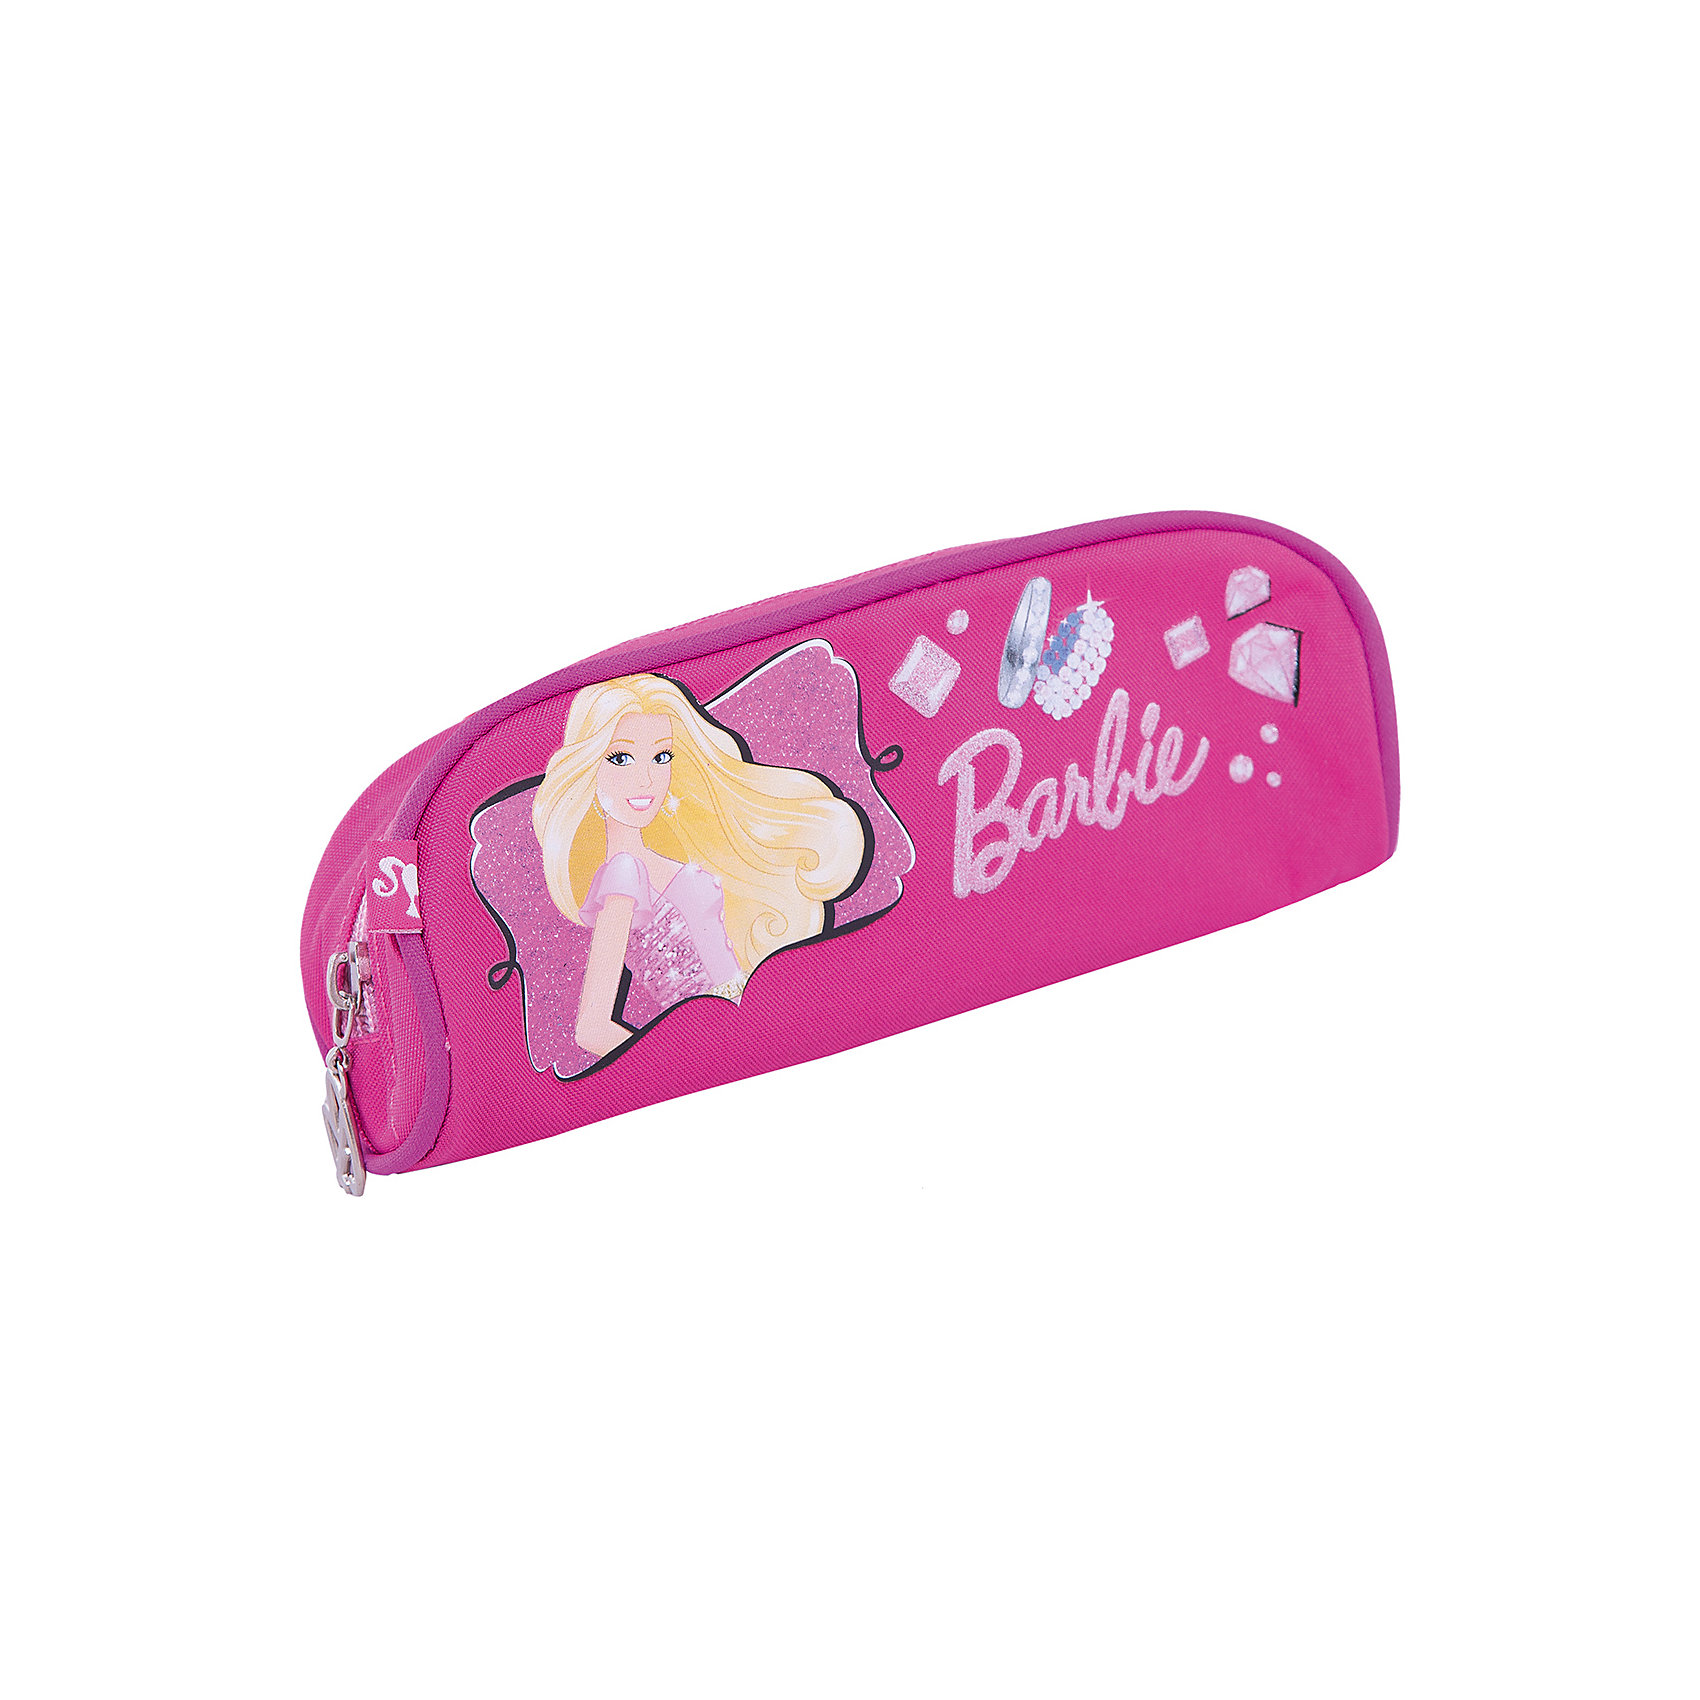 Пенал, BarbieBarbie<br>Пенал Barbie (Барби) - это та вещь, благодаря которой ребенок всегда сможет содержать в порядке предметы школьной канцелярии. Стильная розовая косметичка обязательно понравится Вашей дочери, ведь на пенале изображена любимая девочками модница  Barbie (Барби). Пенал легкий не занимает много места в портфеле, однако в него вмещается много необходимых вещей.<br><br>Дополнительная информация: <br><br>- Пенал сделан в форме косметички на молнии;<br>- Материалом изделия является прочный текстиль;<br>- Устойчивость пеналу придают уплотненные швы, проходящие по верхнему изгибу;<br>- В качестве замка используется широкая молния;<br>- Внутри имеется большое отделение для ручек и других канцелярских принадлежностей;<br>- Размер: 7 х 21 х 7 см;<br>- Материал: полиэстер;<br>- Вес: 75 г.<br><br>Пенал Barbie (Барби) можно купить в нашем интернет-магазине.<br><br>Ширина мм: 250<br>Глубина мм: 200<br>Высота мм: 30<br>Вес г: 300<br>Возраст от месяцев: 96<br>Возраст до месяцев: 108<br>Пол: Женский<br>Возраст: Детский<br>SKU: 3563305